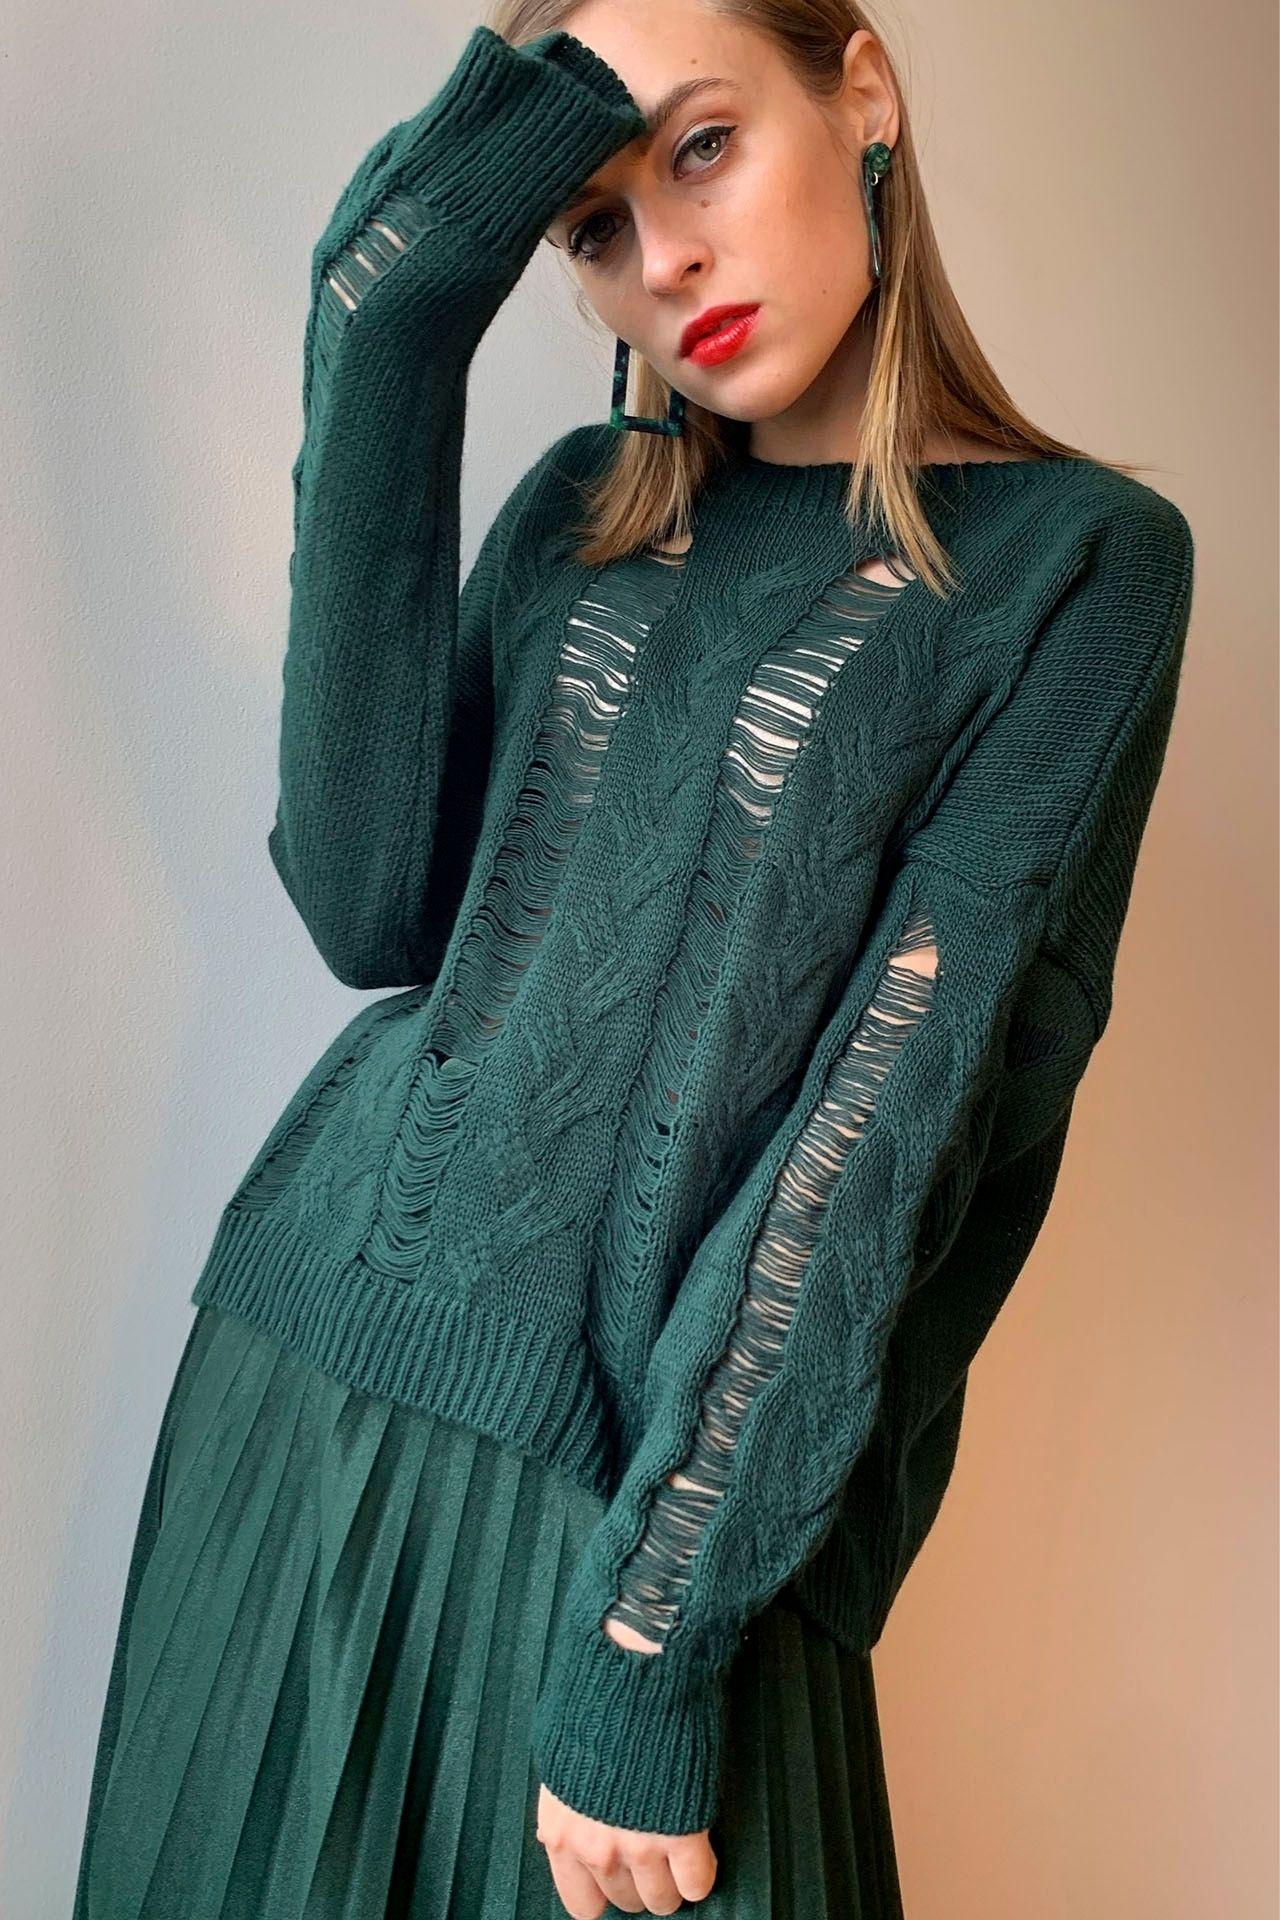 Sweater trenzado con tejido semi rasgado.            Made in Italy  Material & cuidado 86% Acrílico 10% Poliester 5% Lana Lavar en agua fría a mano.  Medidas:  Cintura: 54 cm  Largo: 52 cm